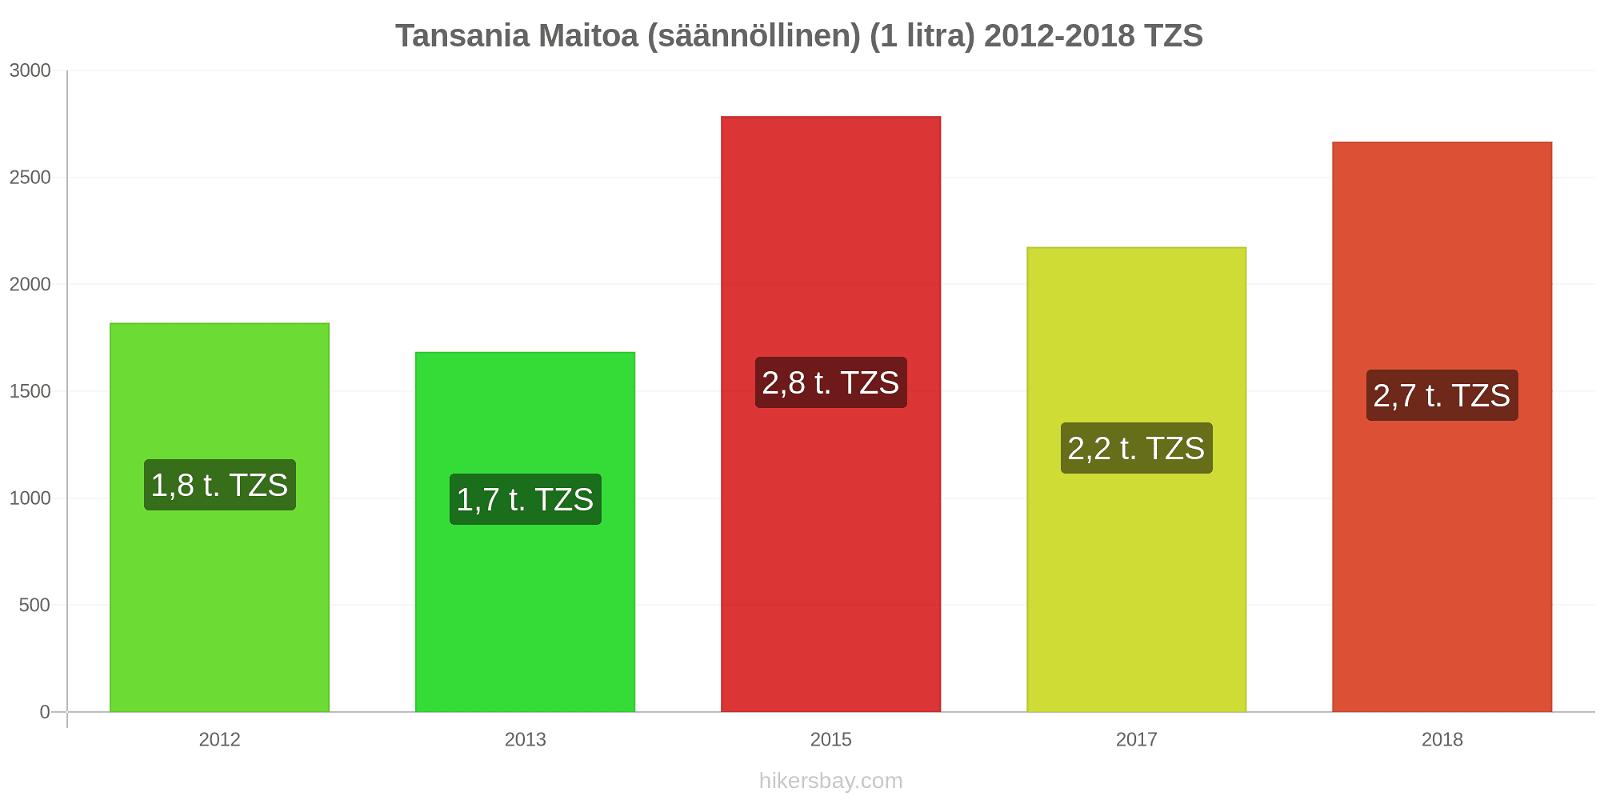 Tansania hintojen muutokset Maitoa (säännöllinen) (1 litra) hikersbay.com